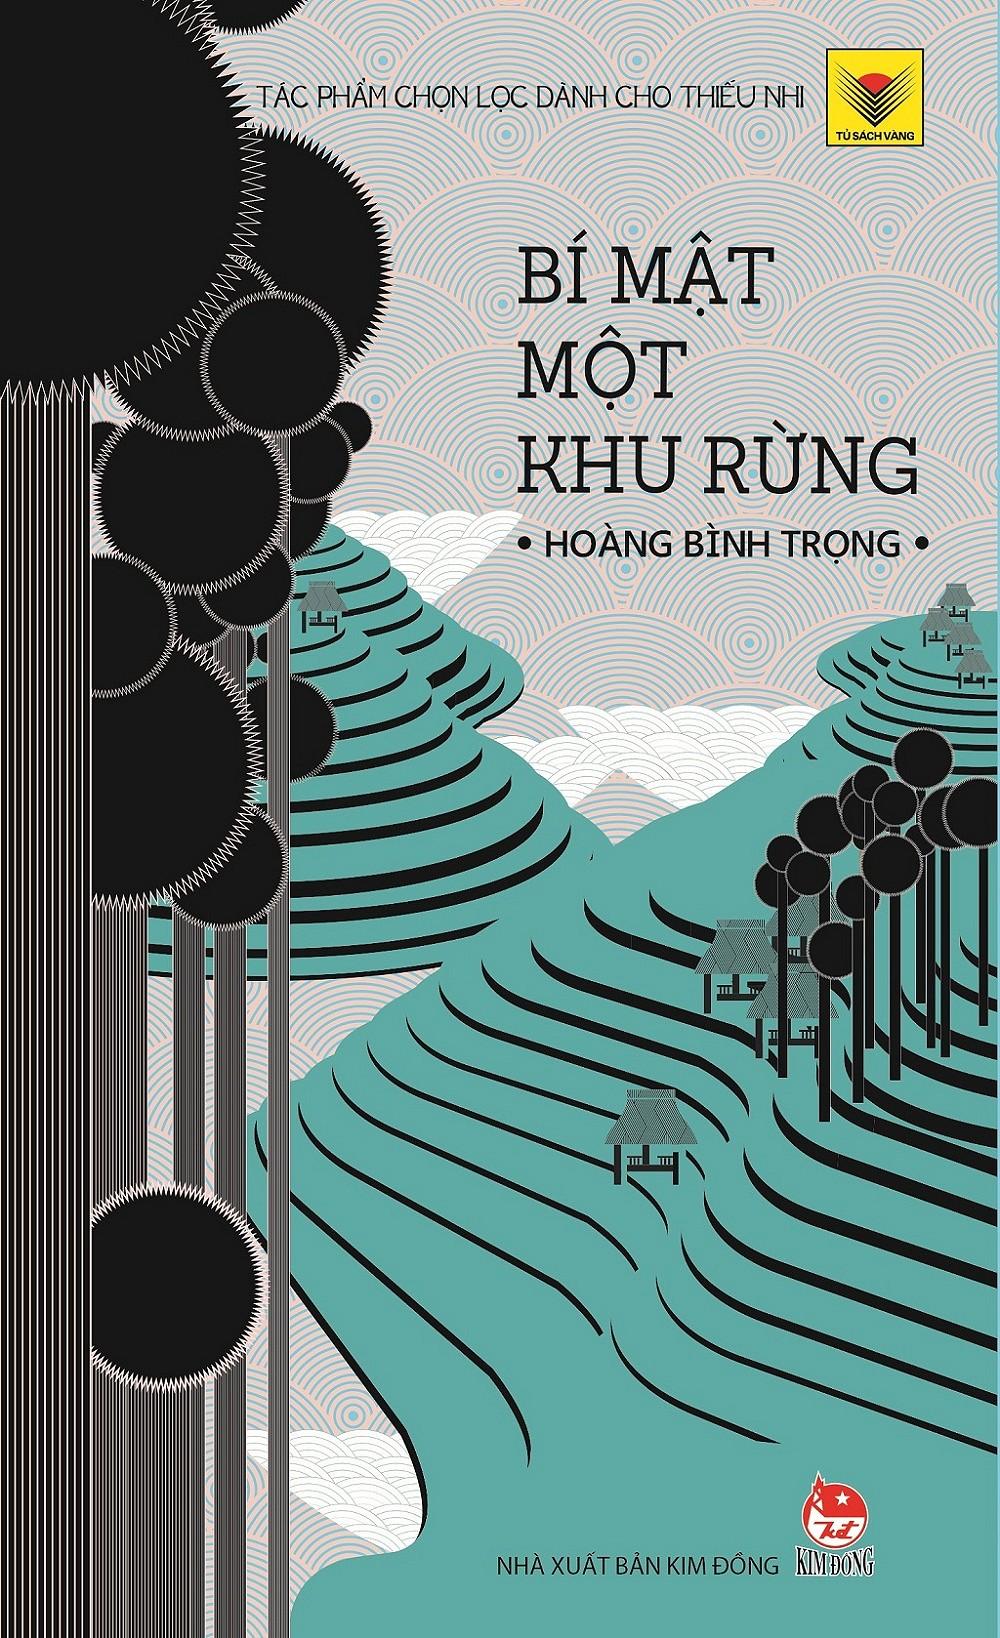 bi-mat-mot-khu-rung_bia-.u547.d20170106.t114206.854188.jpg